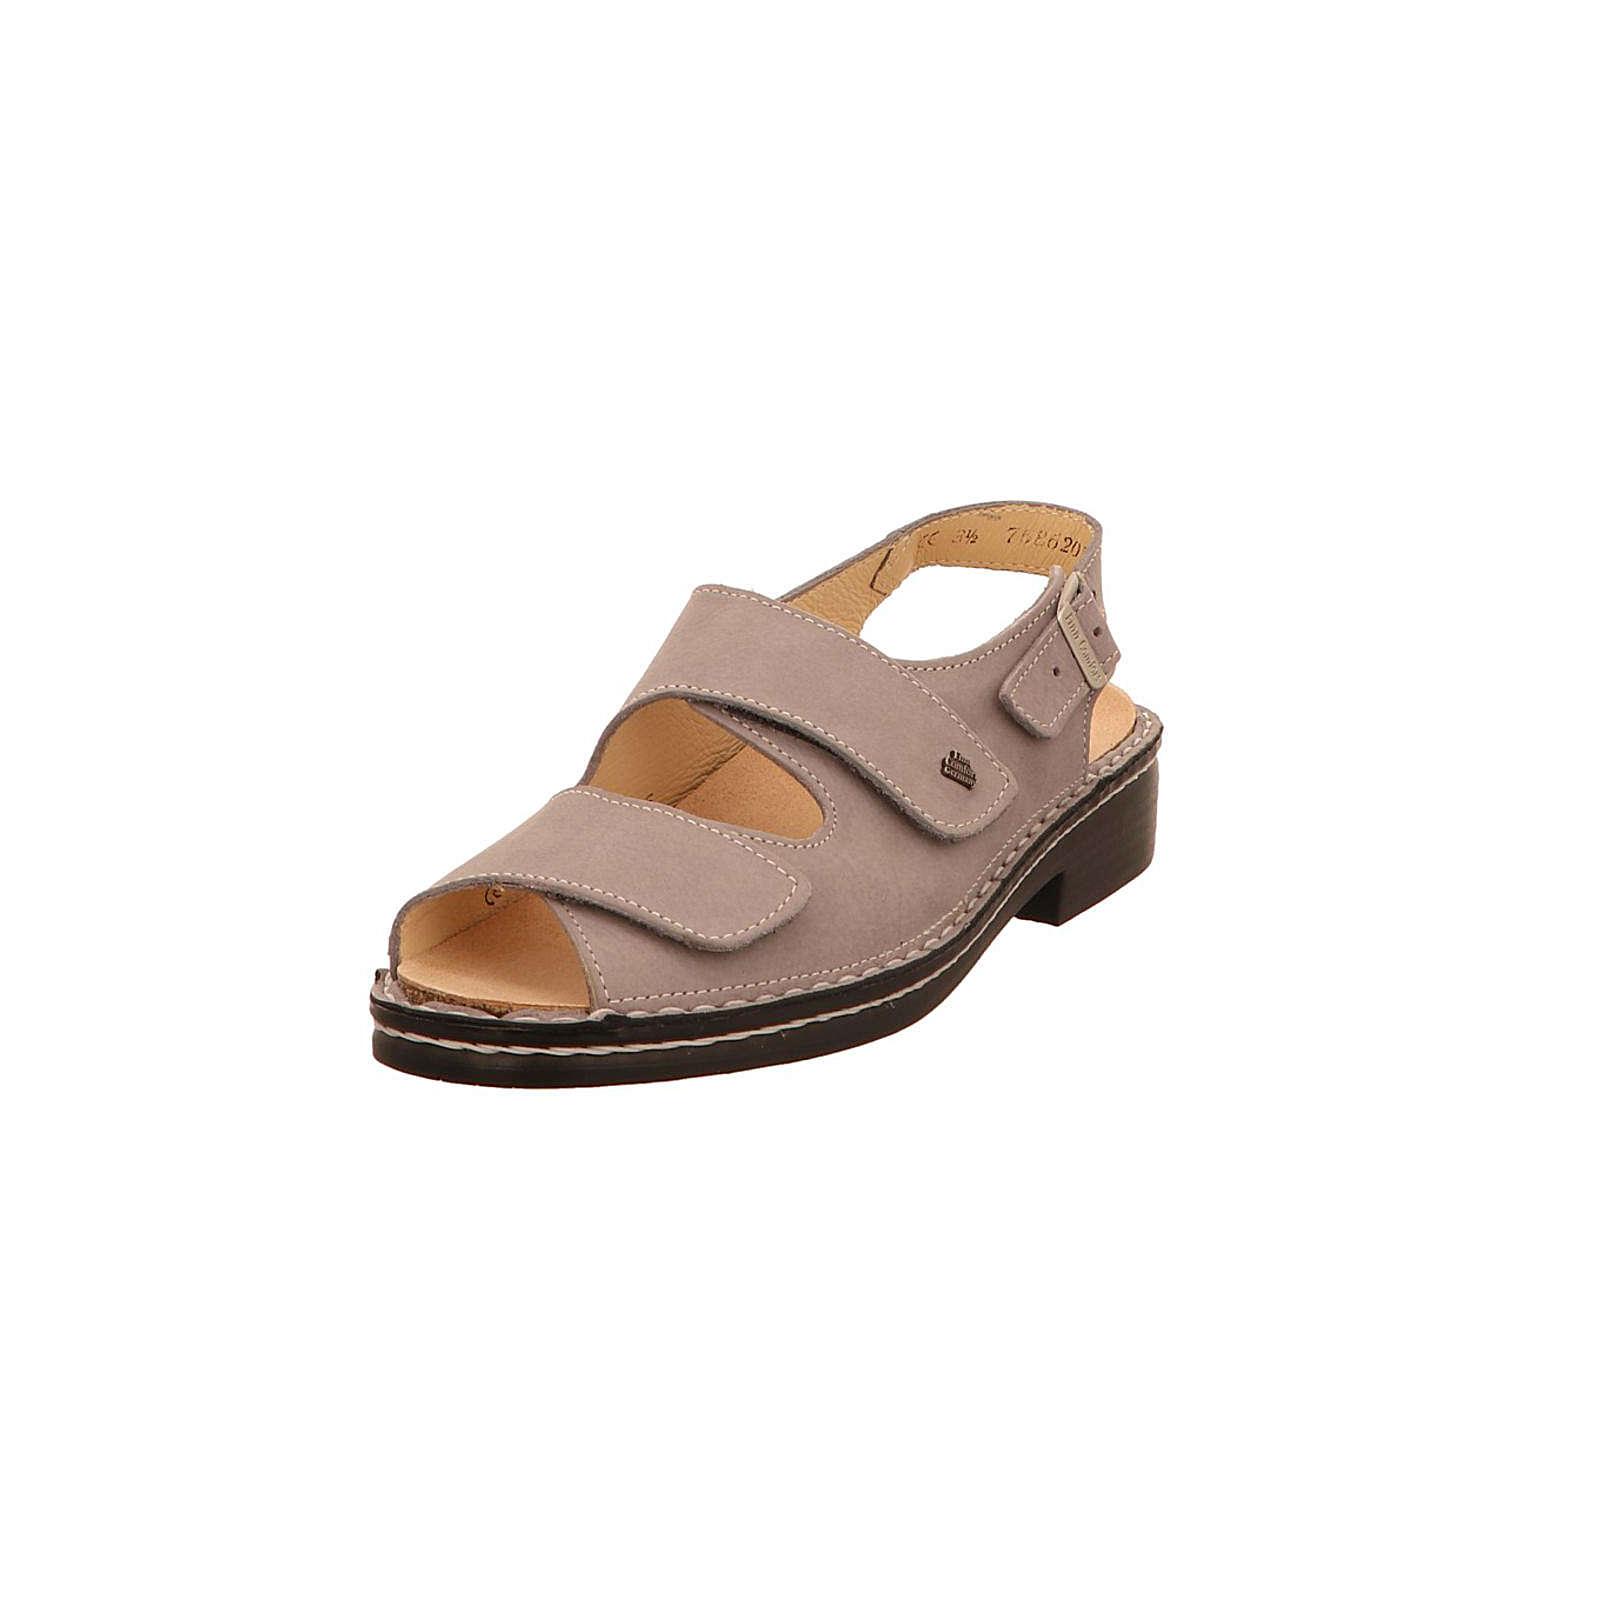 Finn Comfort Komfort-Sandalen grau Damen Gr. 37